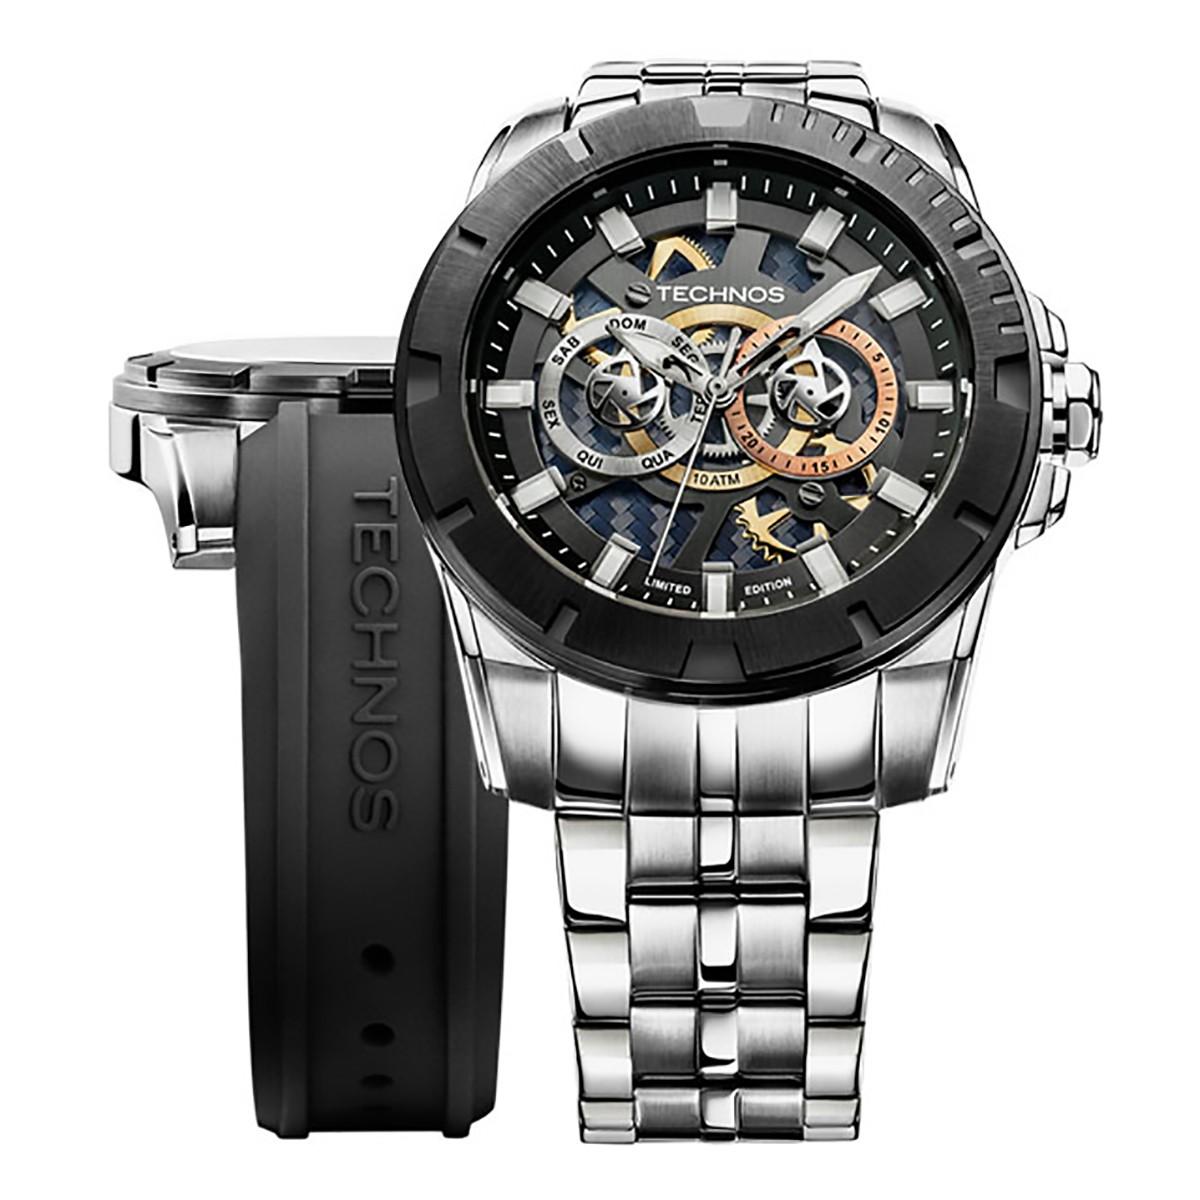 95c15cbf965 Relógio Technos Performance Troca Pulseira Masculino